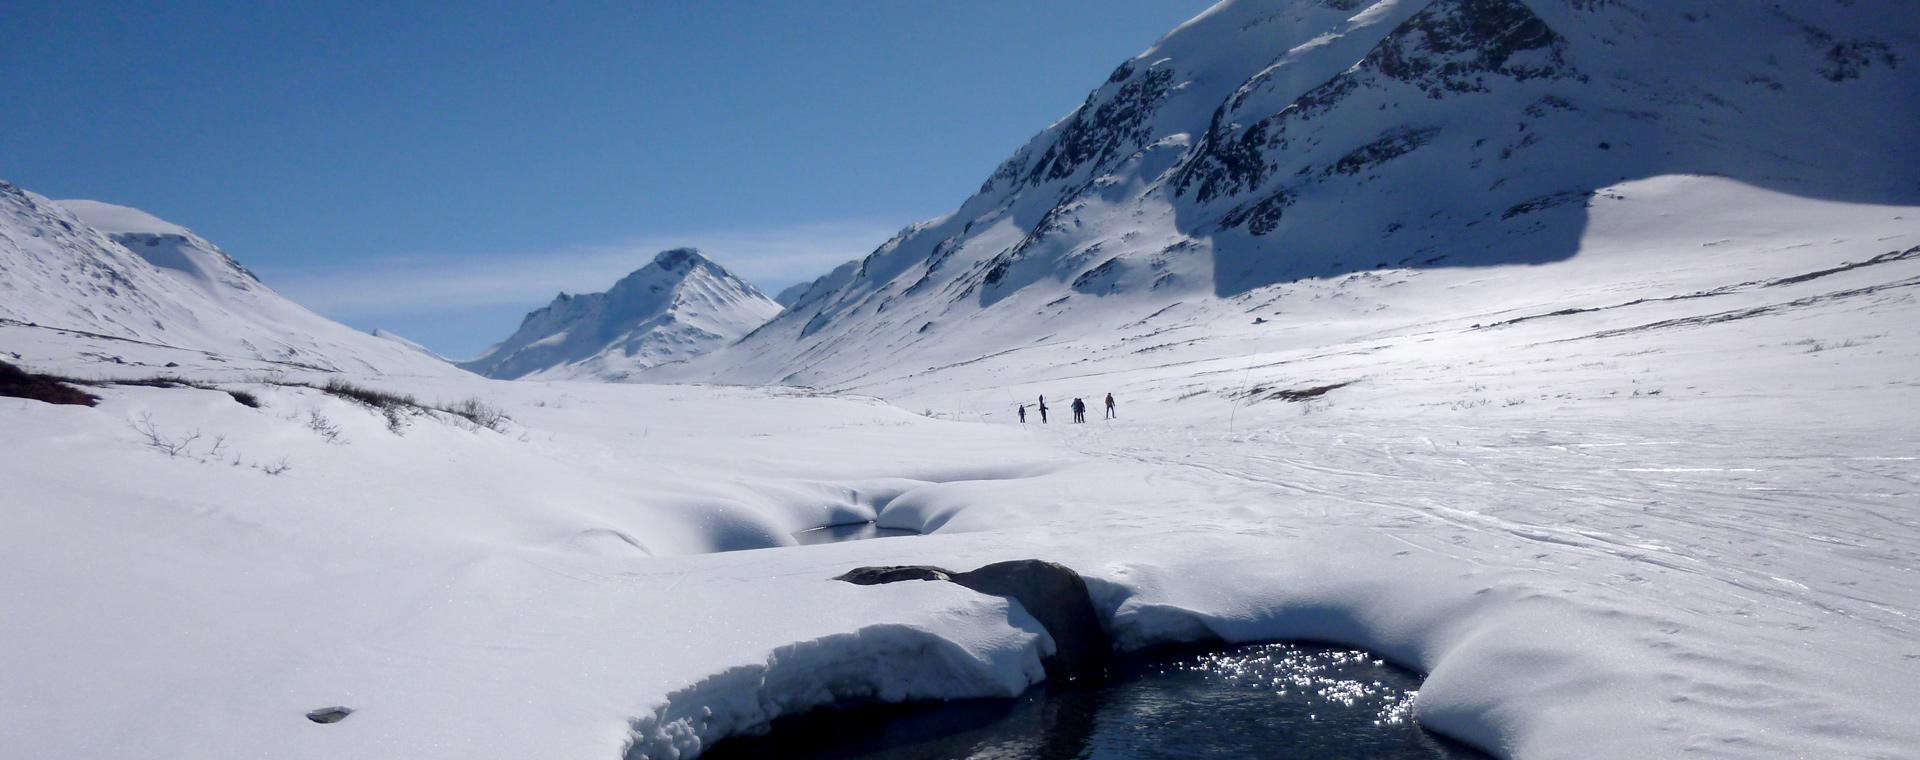 Image Tour du Jotunheimen à ski nordique